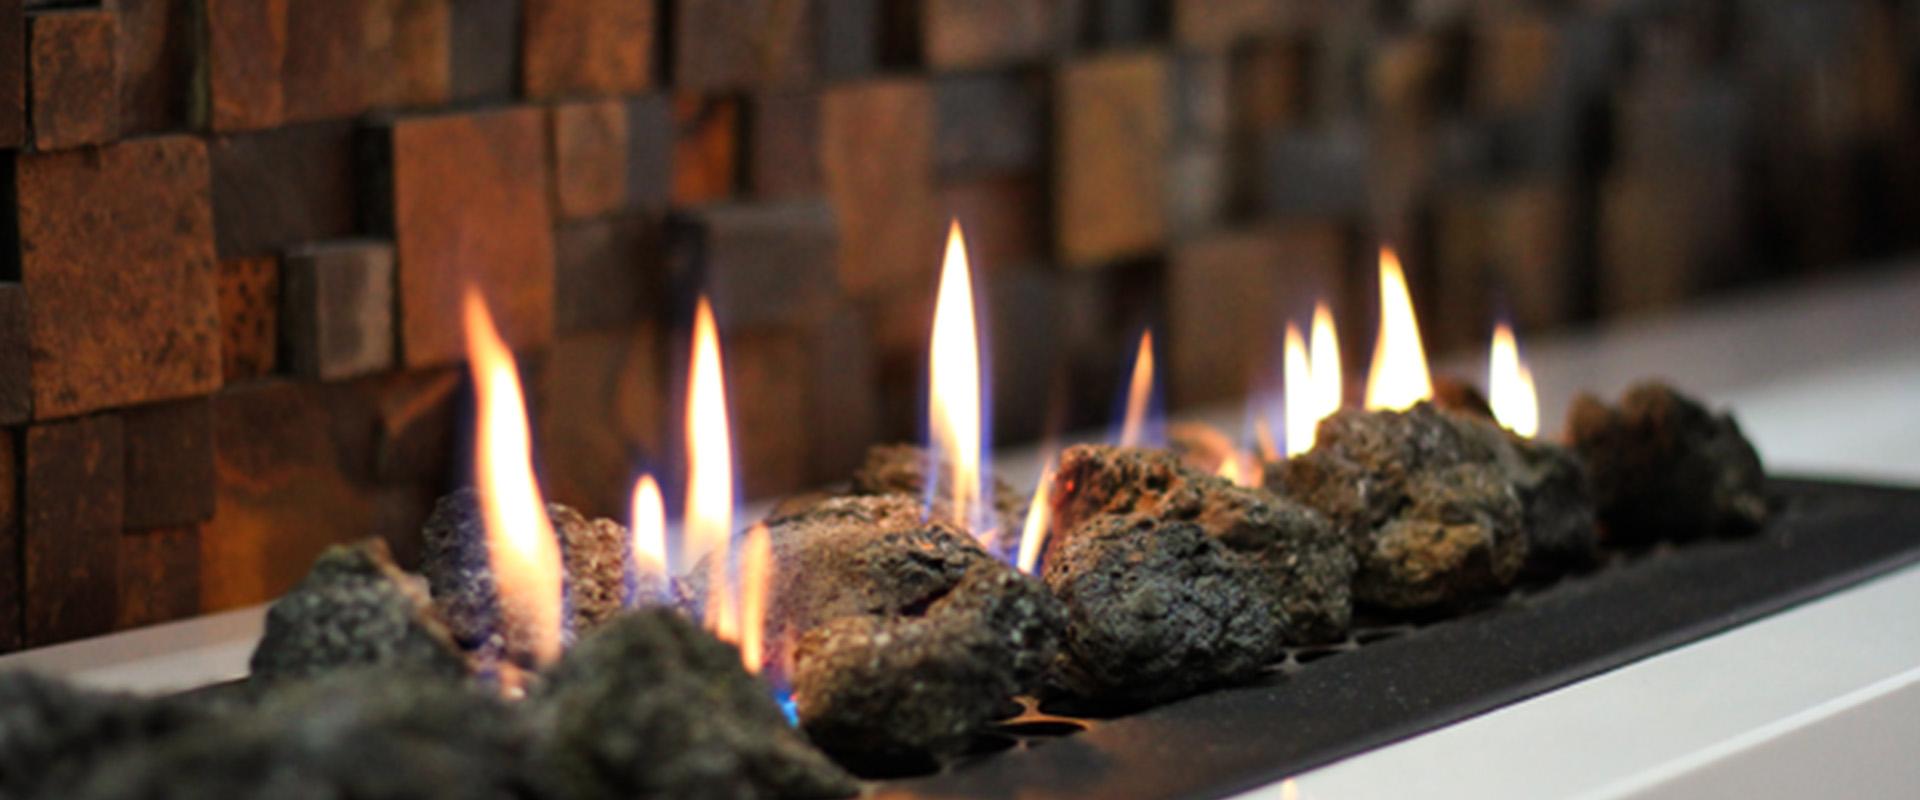 Cheminée au gaz : y penser pour la rénovation